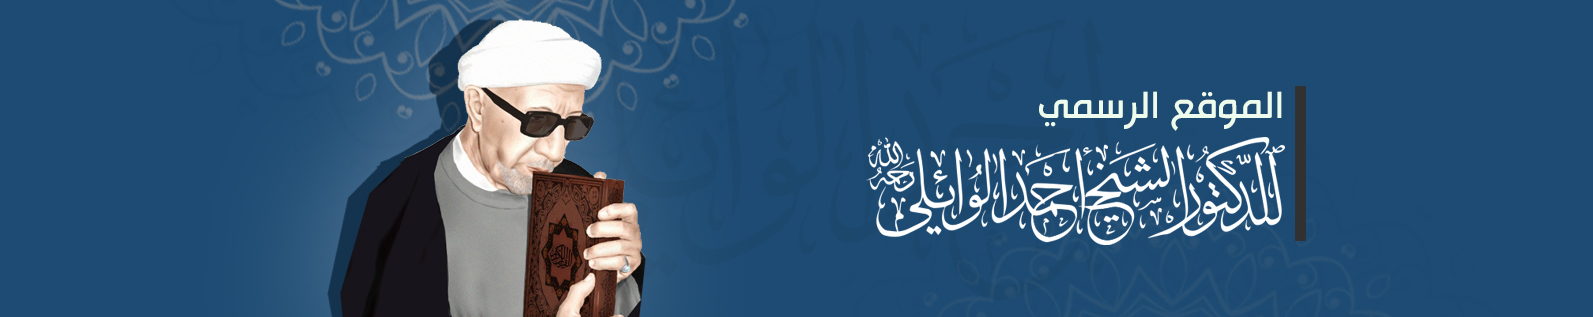 الموقع الرسمي للشيخ الوائلي